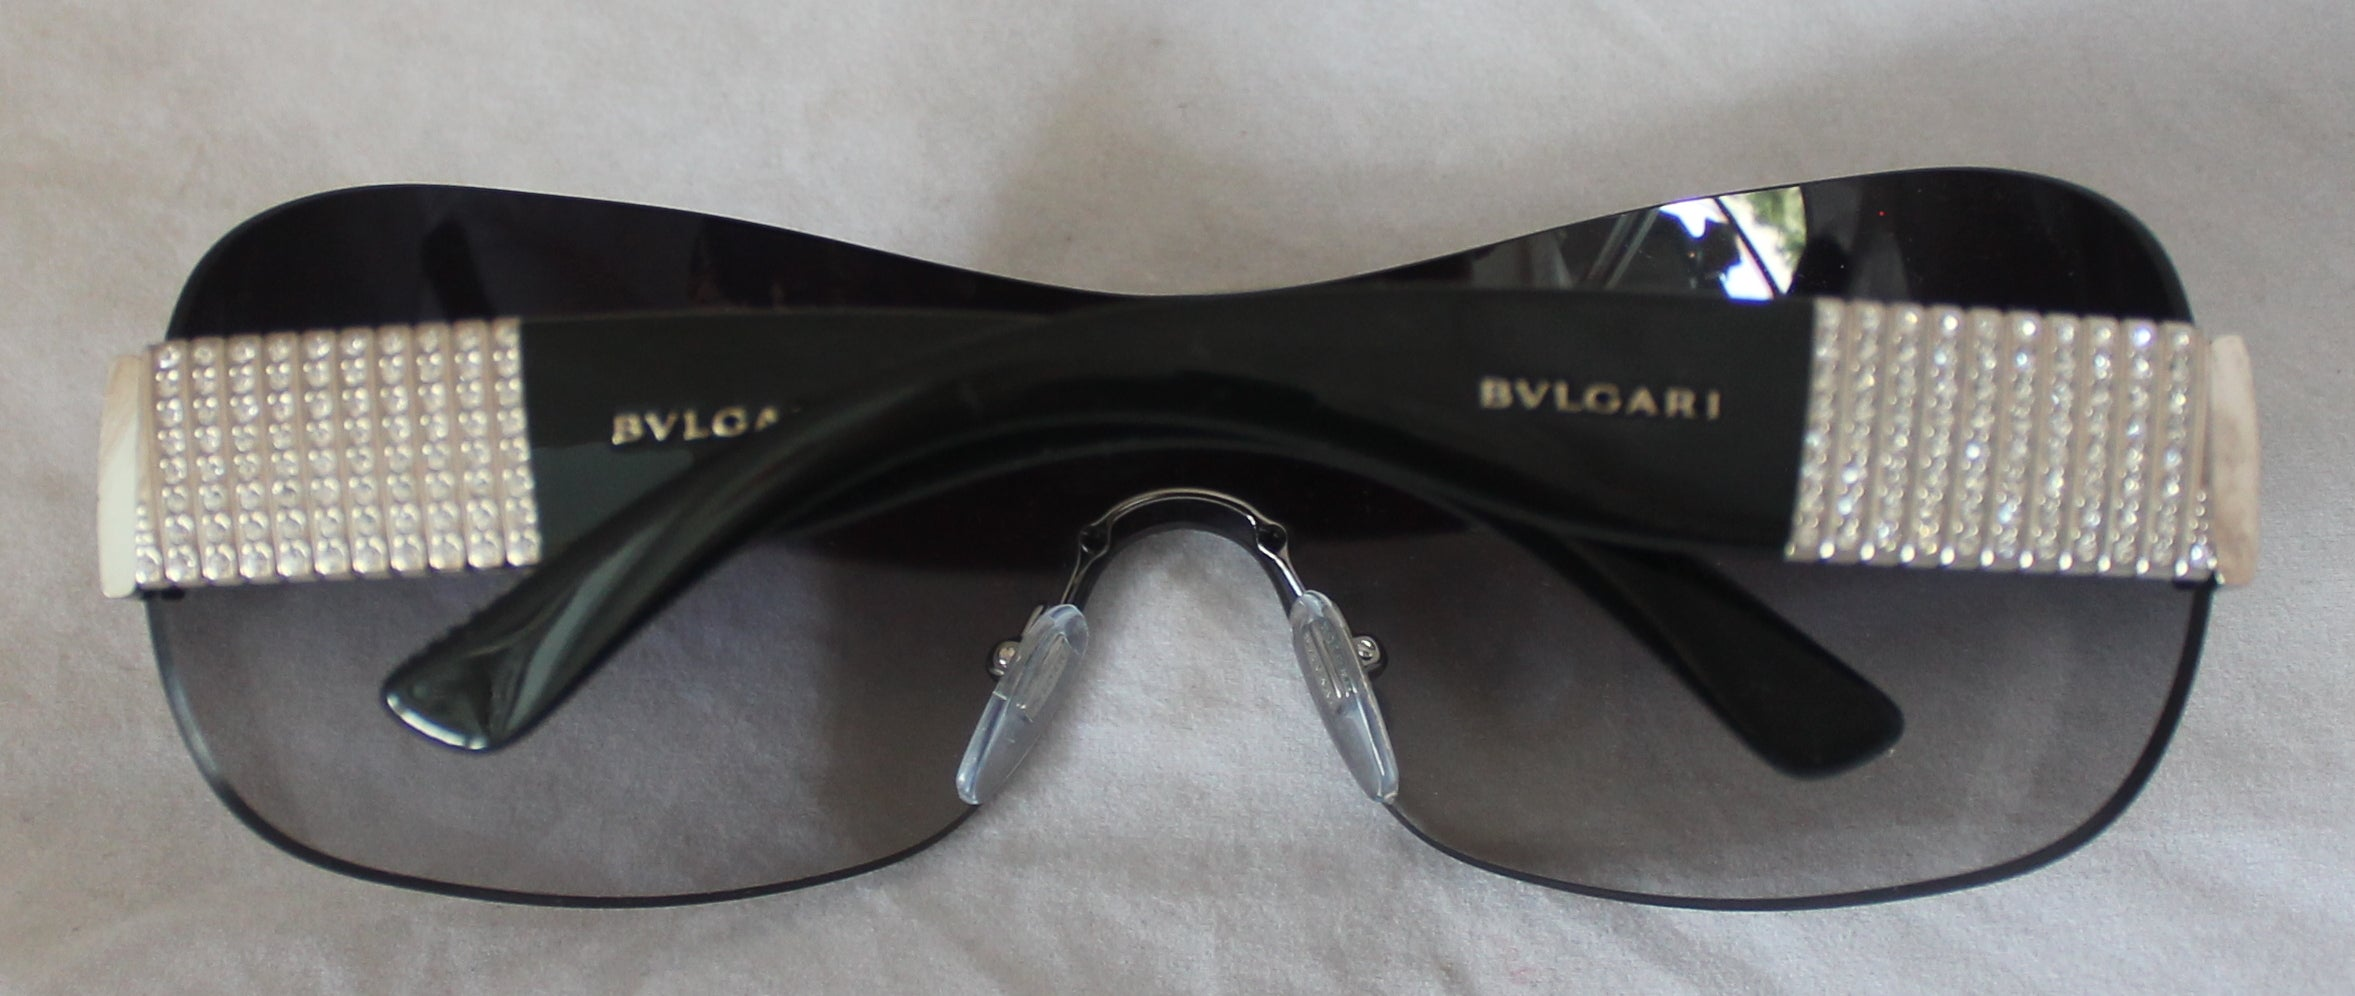 f5236b420fc1d Bulgari Black Sunglasses w  Vertical Rhinestone Detail - SHW at 1stdibs